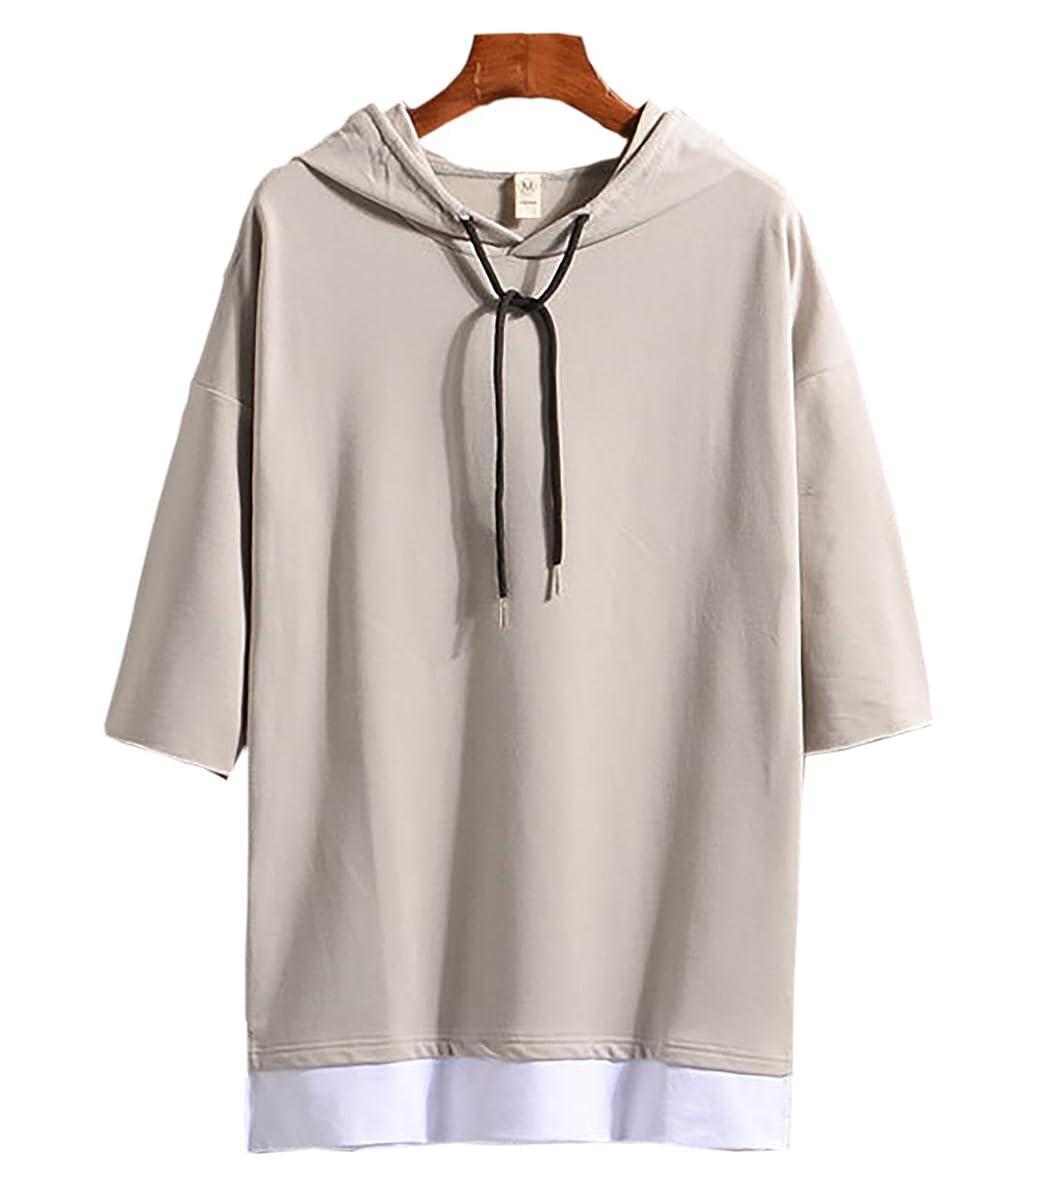 解読するクラシカル世紀(Make 2 Be) メンズ 7分袖 Tシャツ フード付き ゆったり ドロップショルダー レイヤード カジュアル シャツ プルオーバー MF74